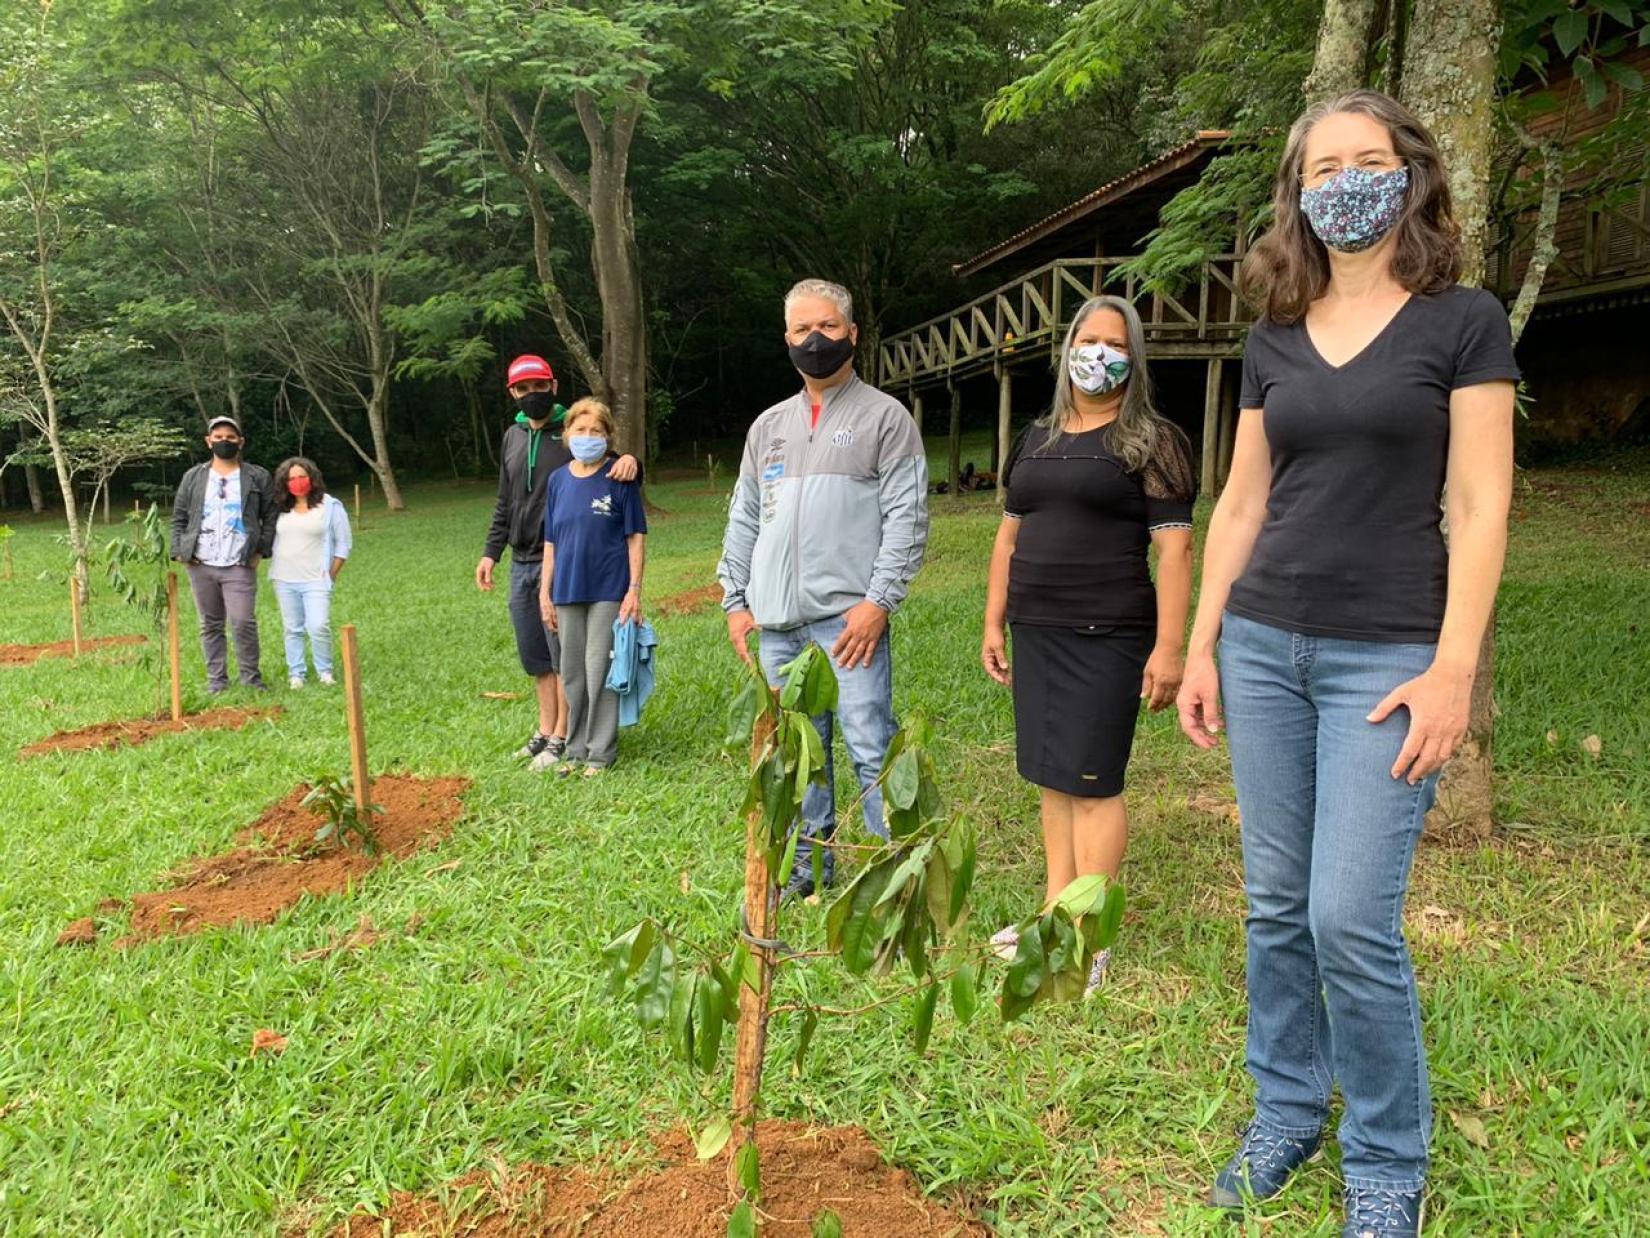 Pessoas participam da campanha Bosques da Memória, que ajuda a restaurar o meio ambiente e honra a memória de seus entes queridos.